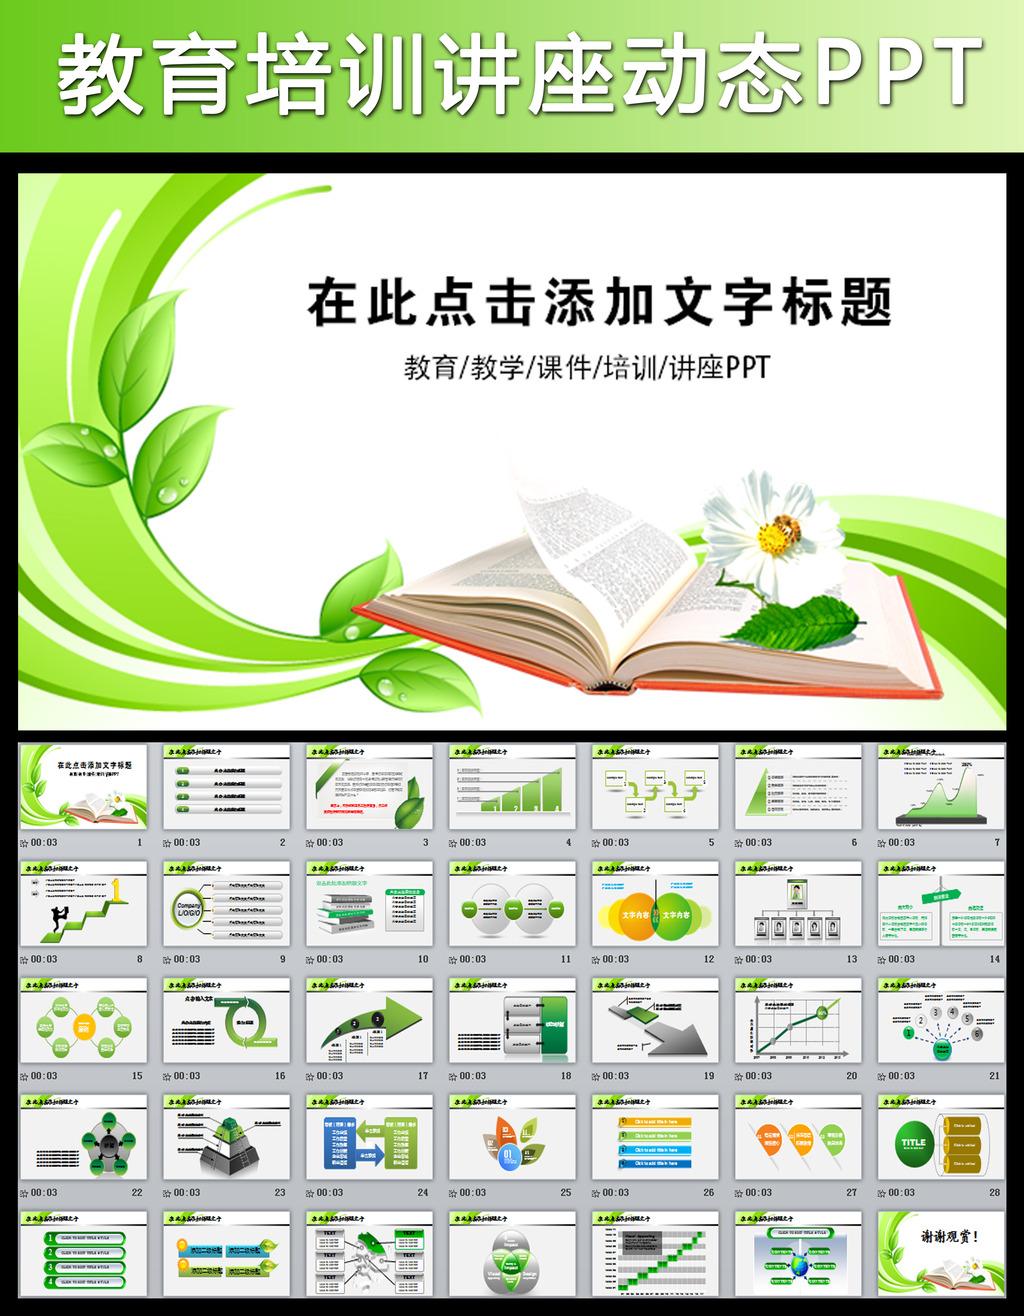 教育培训教学课件读书学习动态ppt模板下载